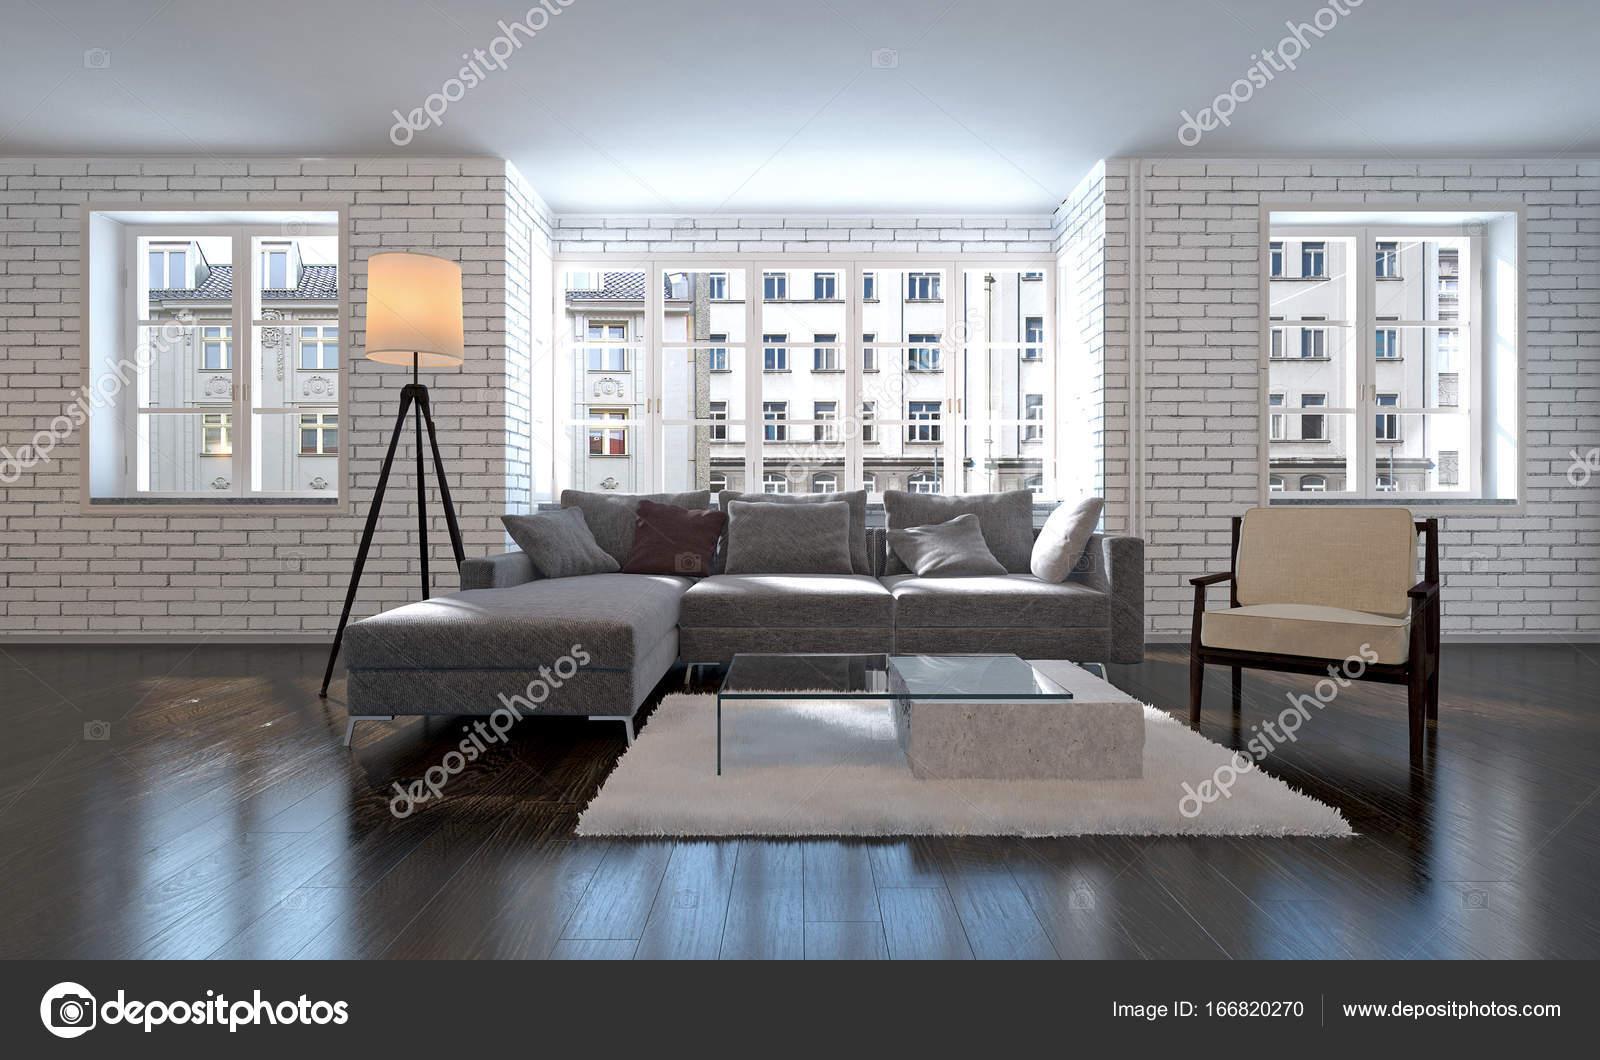 Das interior design der lounge und wohnzimmer und wohnung